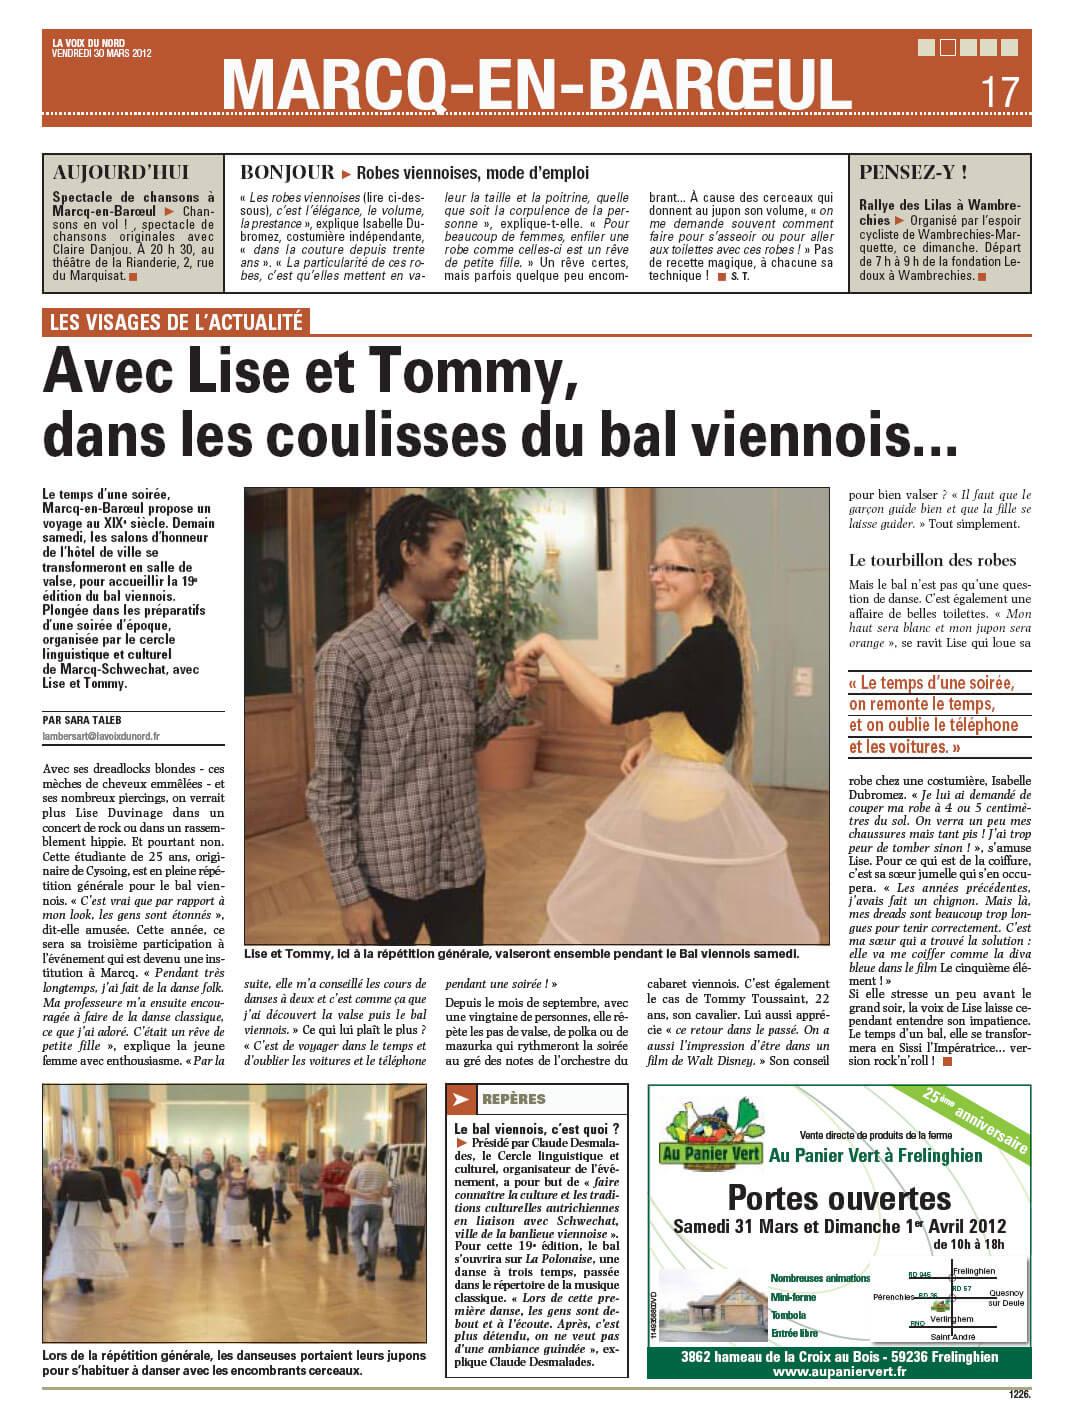 La-Voix-Du-Nord_30.03.2012